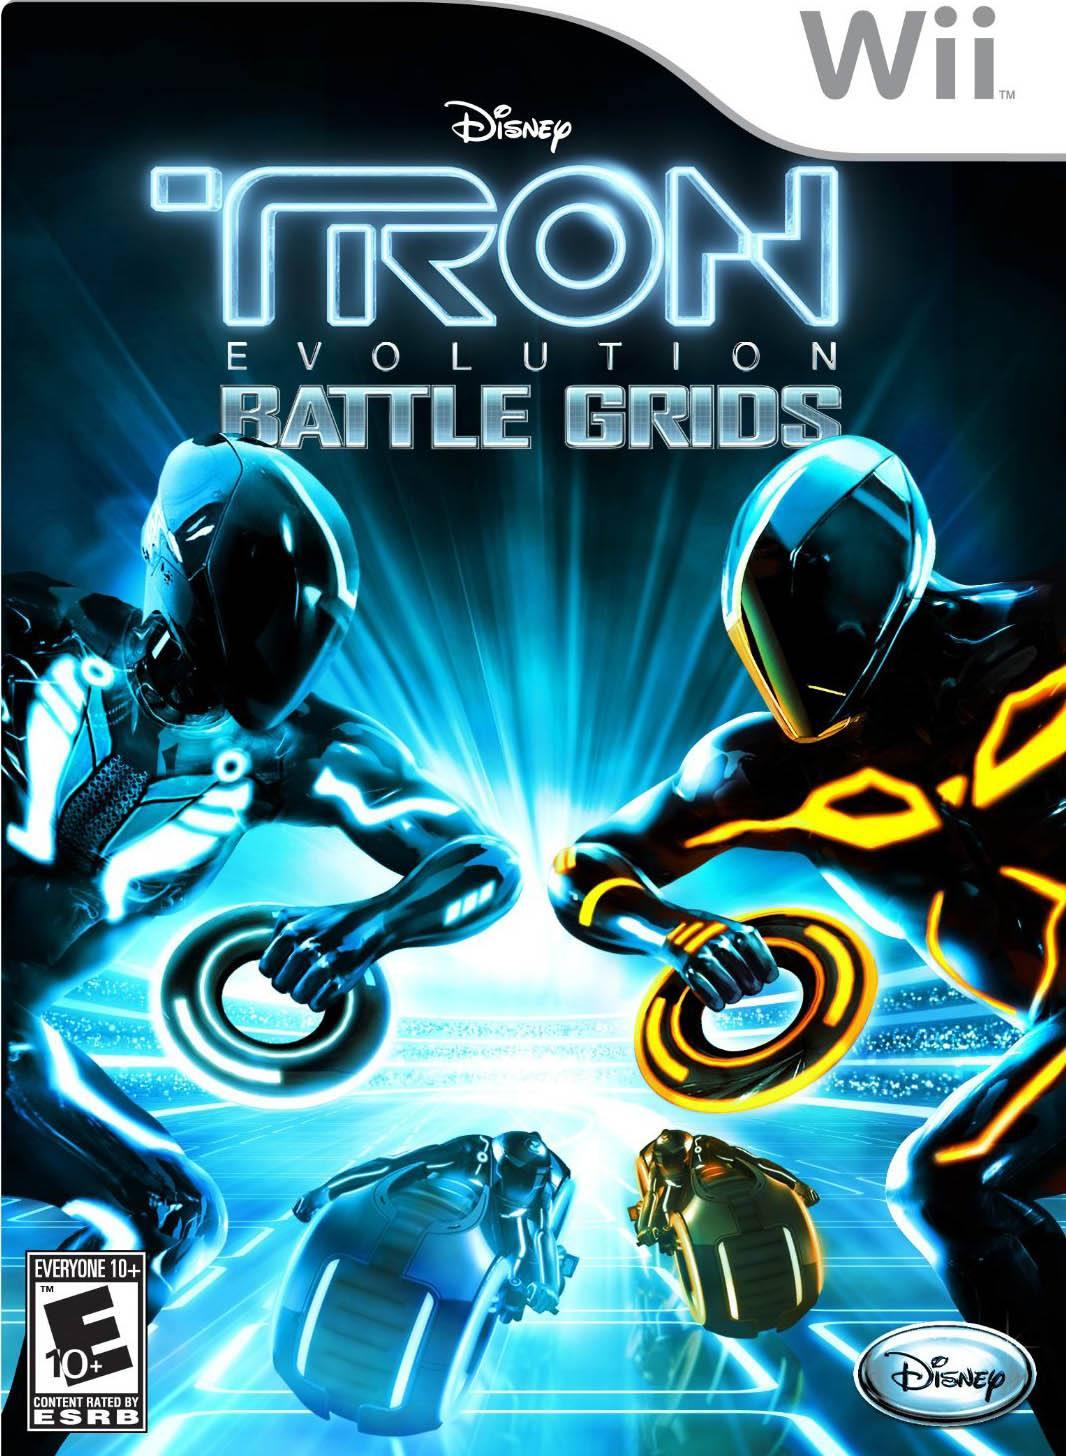 Tron: Evolution - Battle Grids